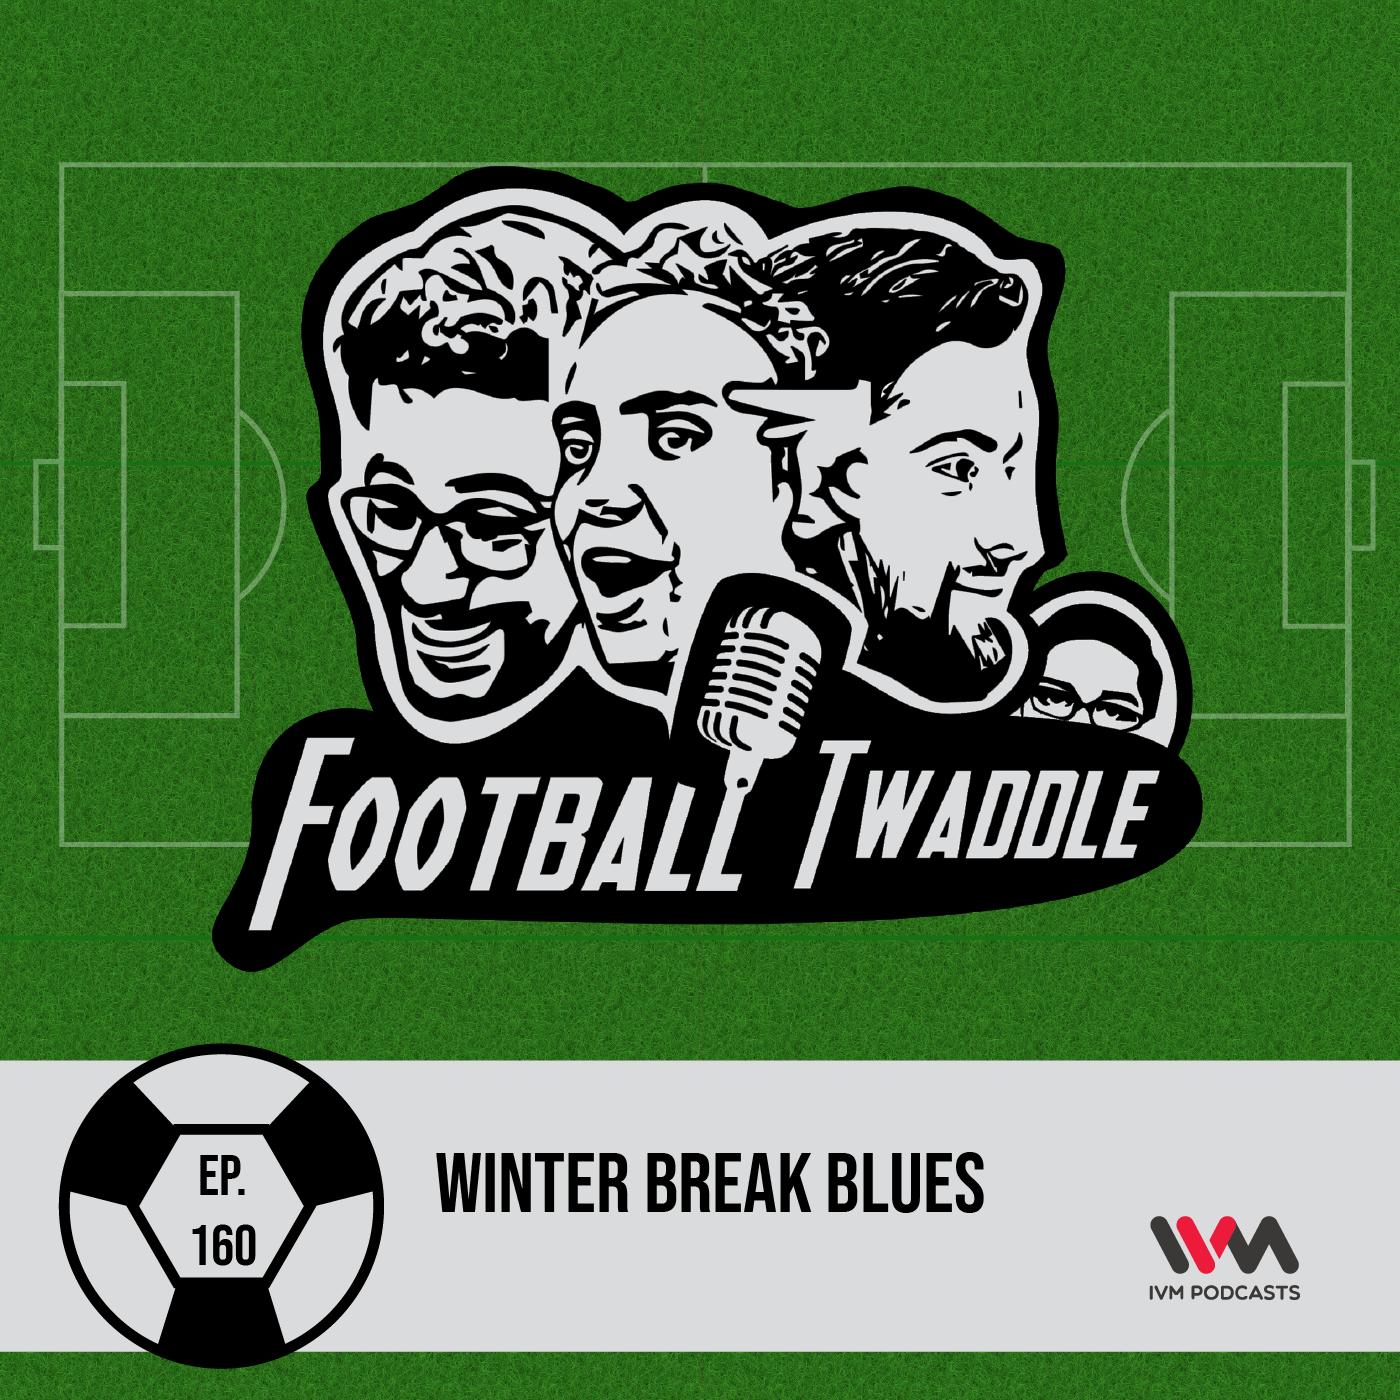 Winter Break Blues